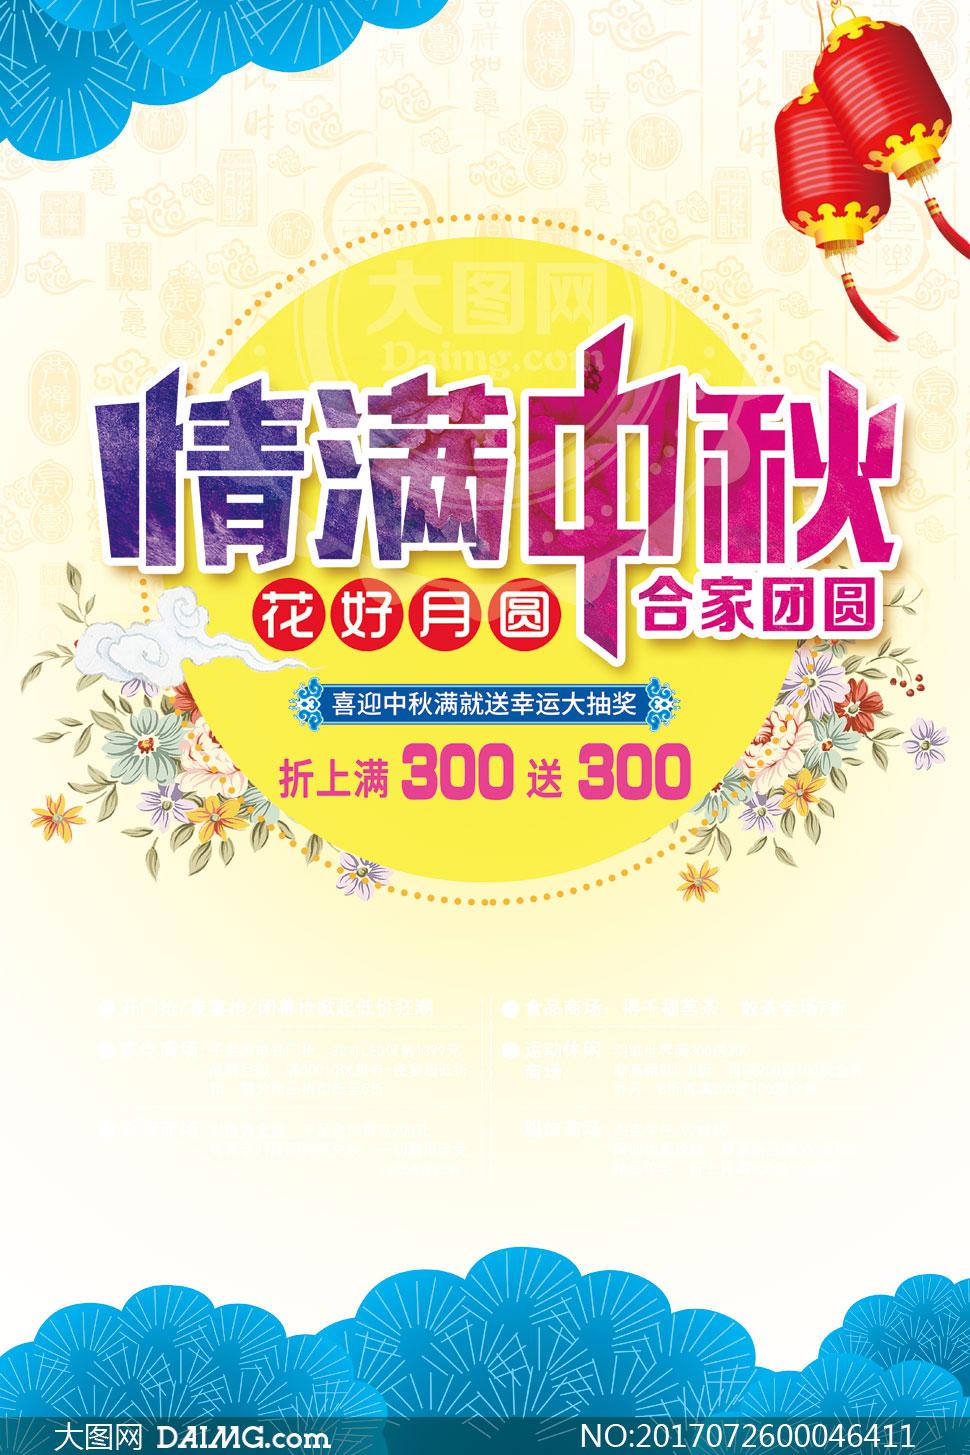 情满中秋商场活动海报设计PSD素材